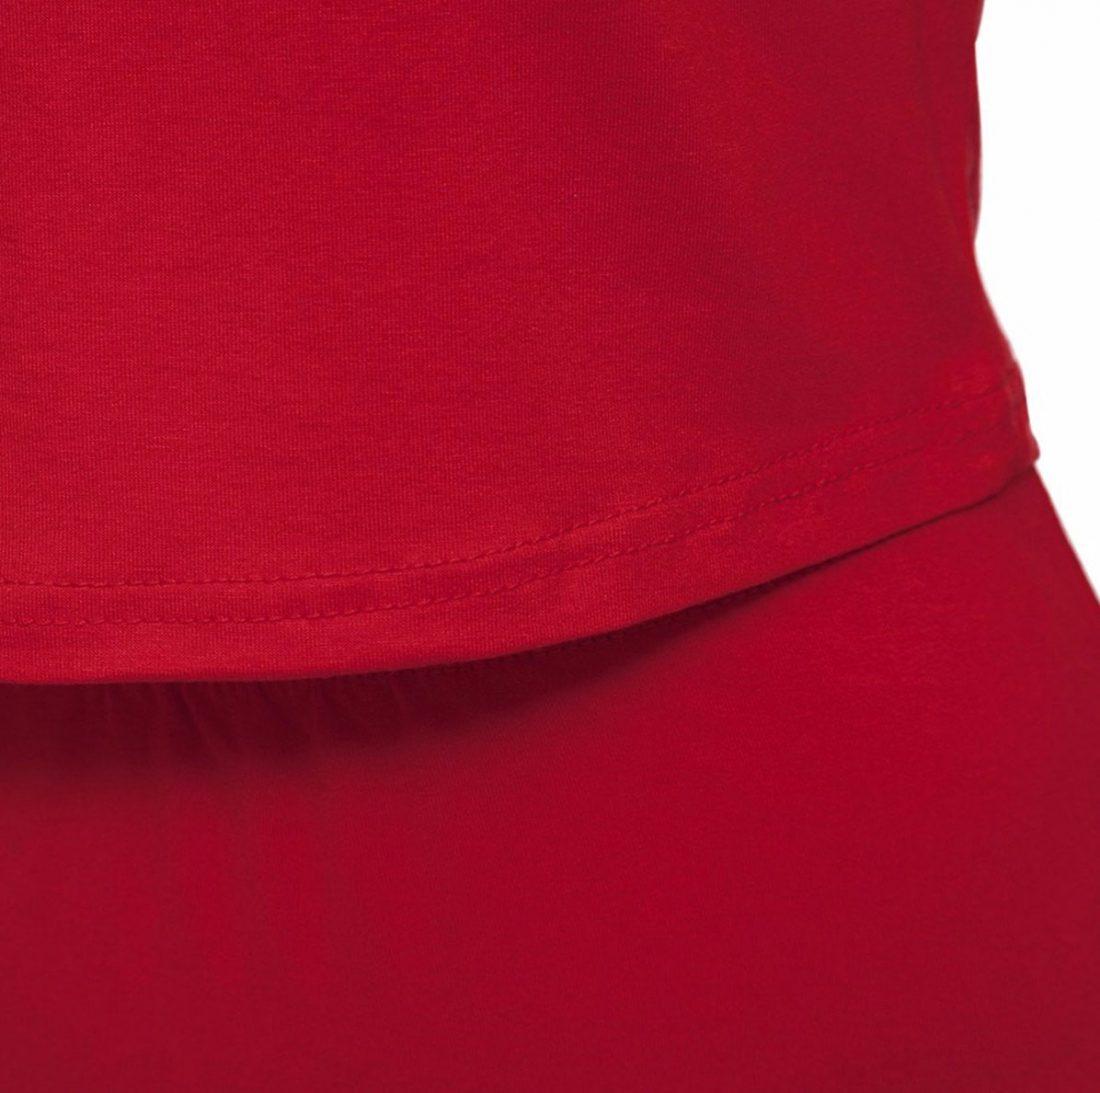 M0181 red3 Two Piece Sets Dresses maureens.com boutique